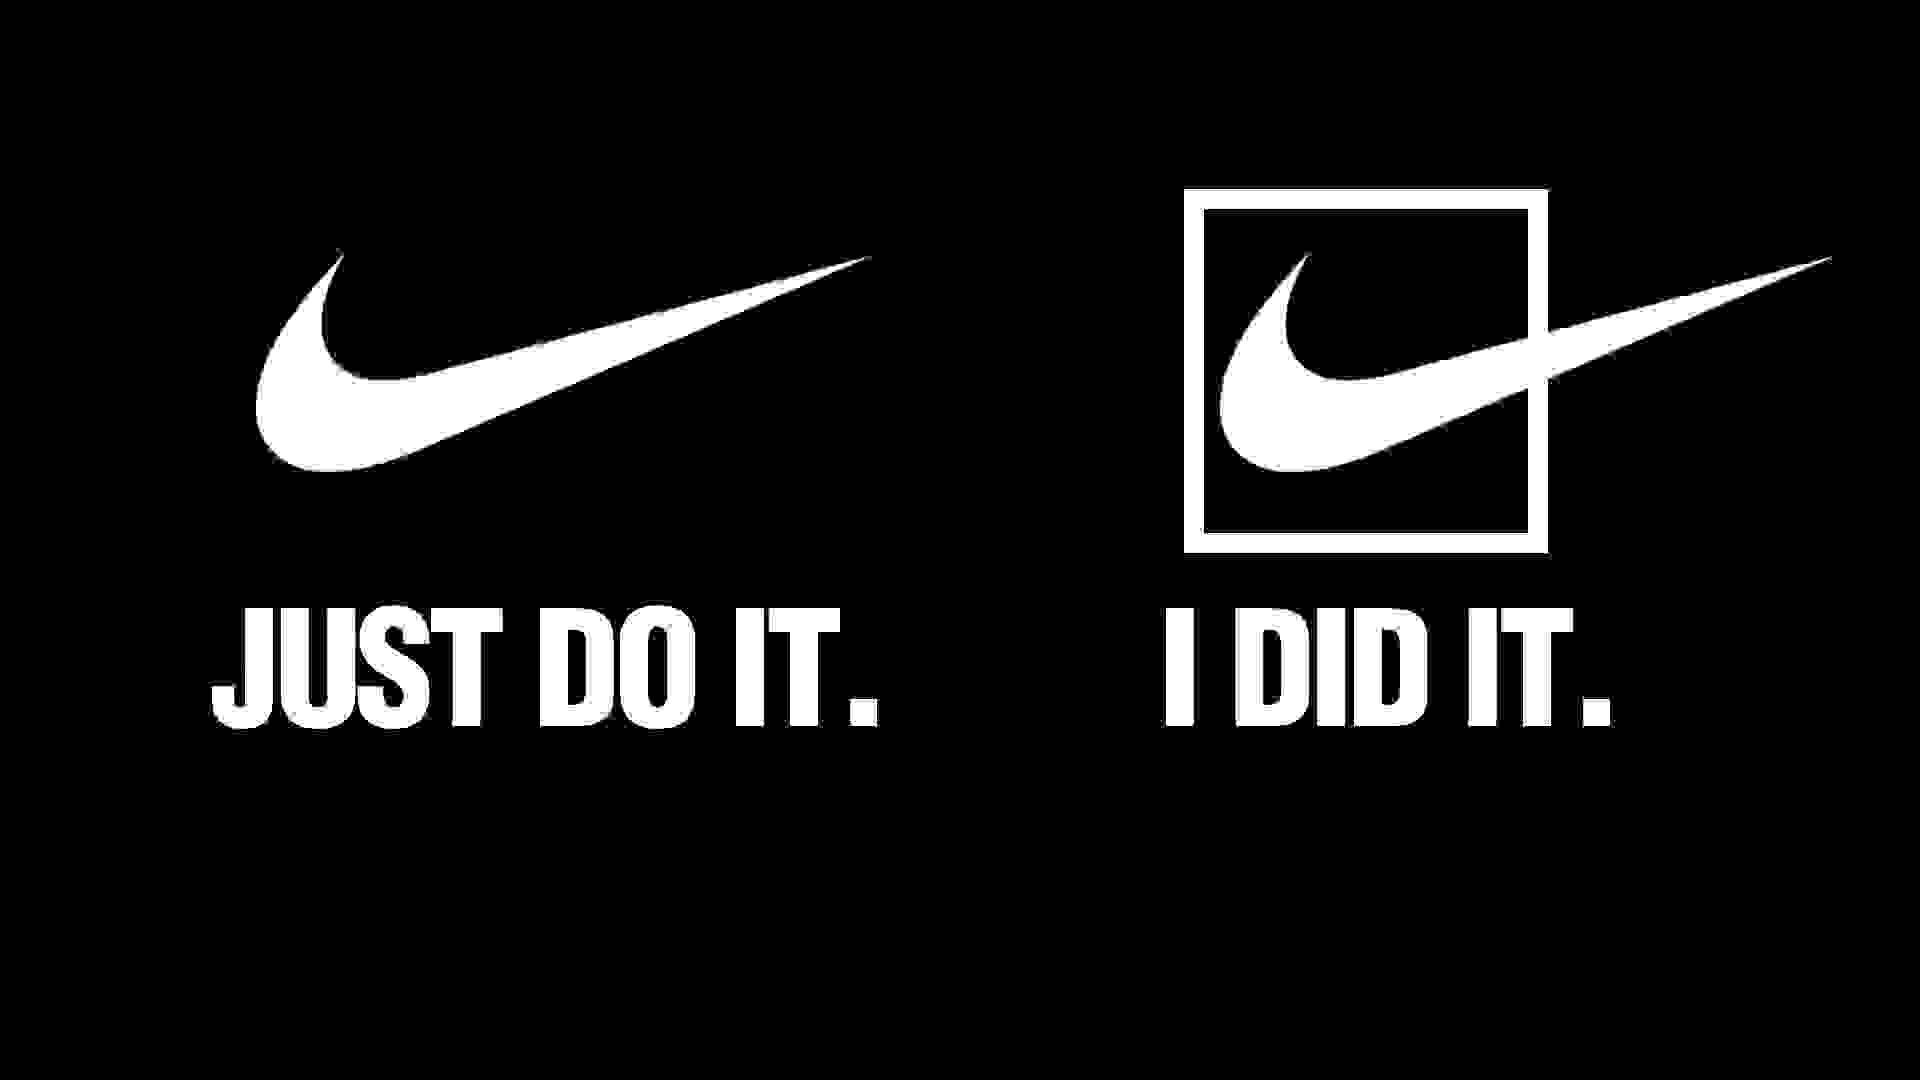 افعلها فحسب